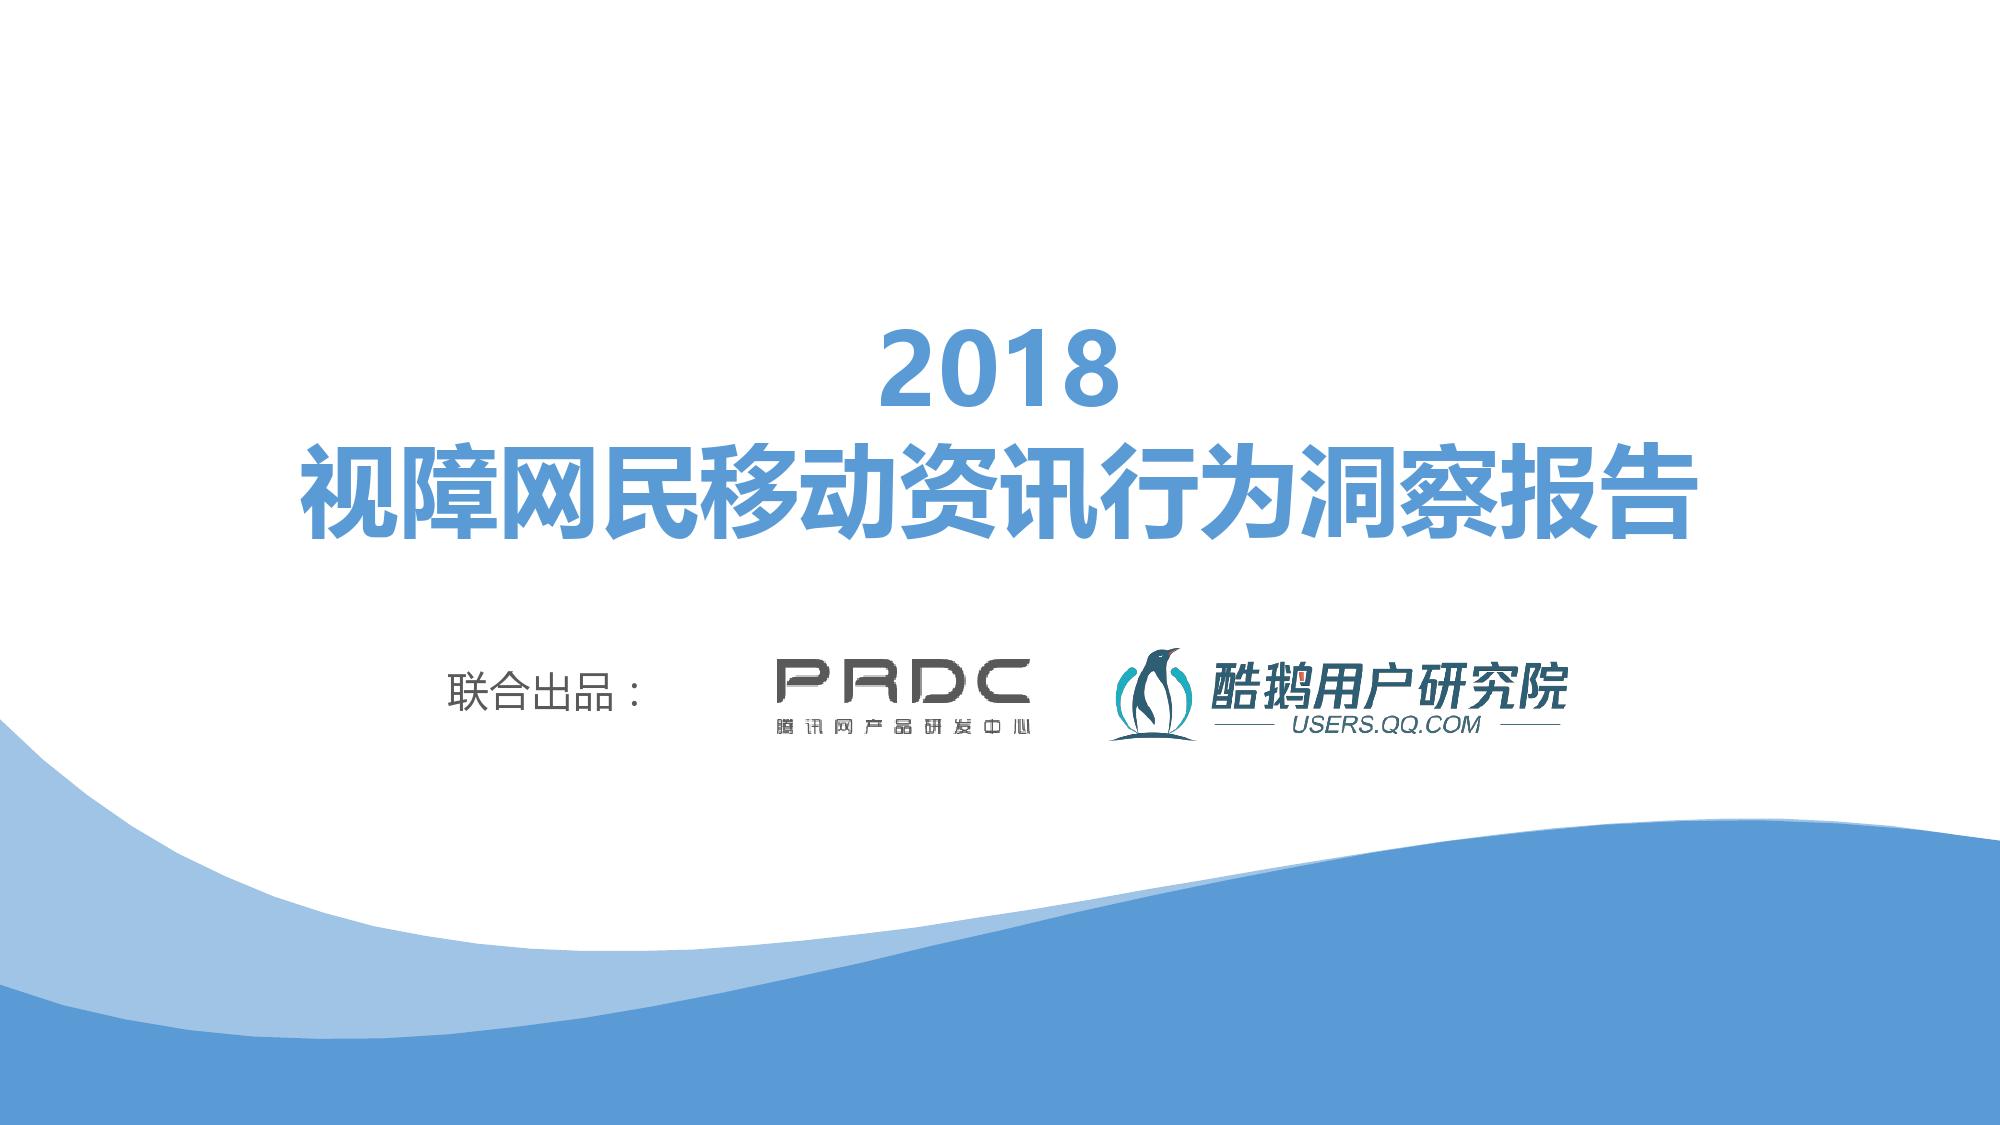 酷鹅用户研究院:2018视障网民移动资讯行为洞察报告(附下载)